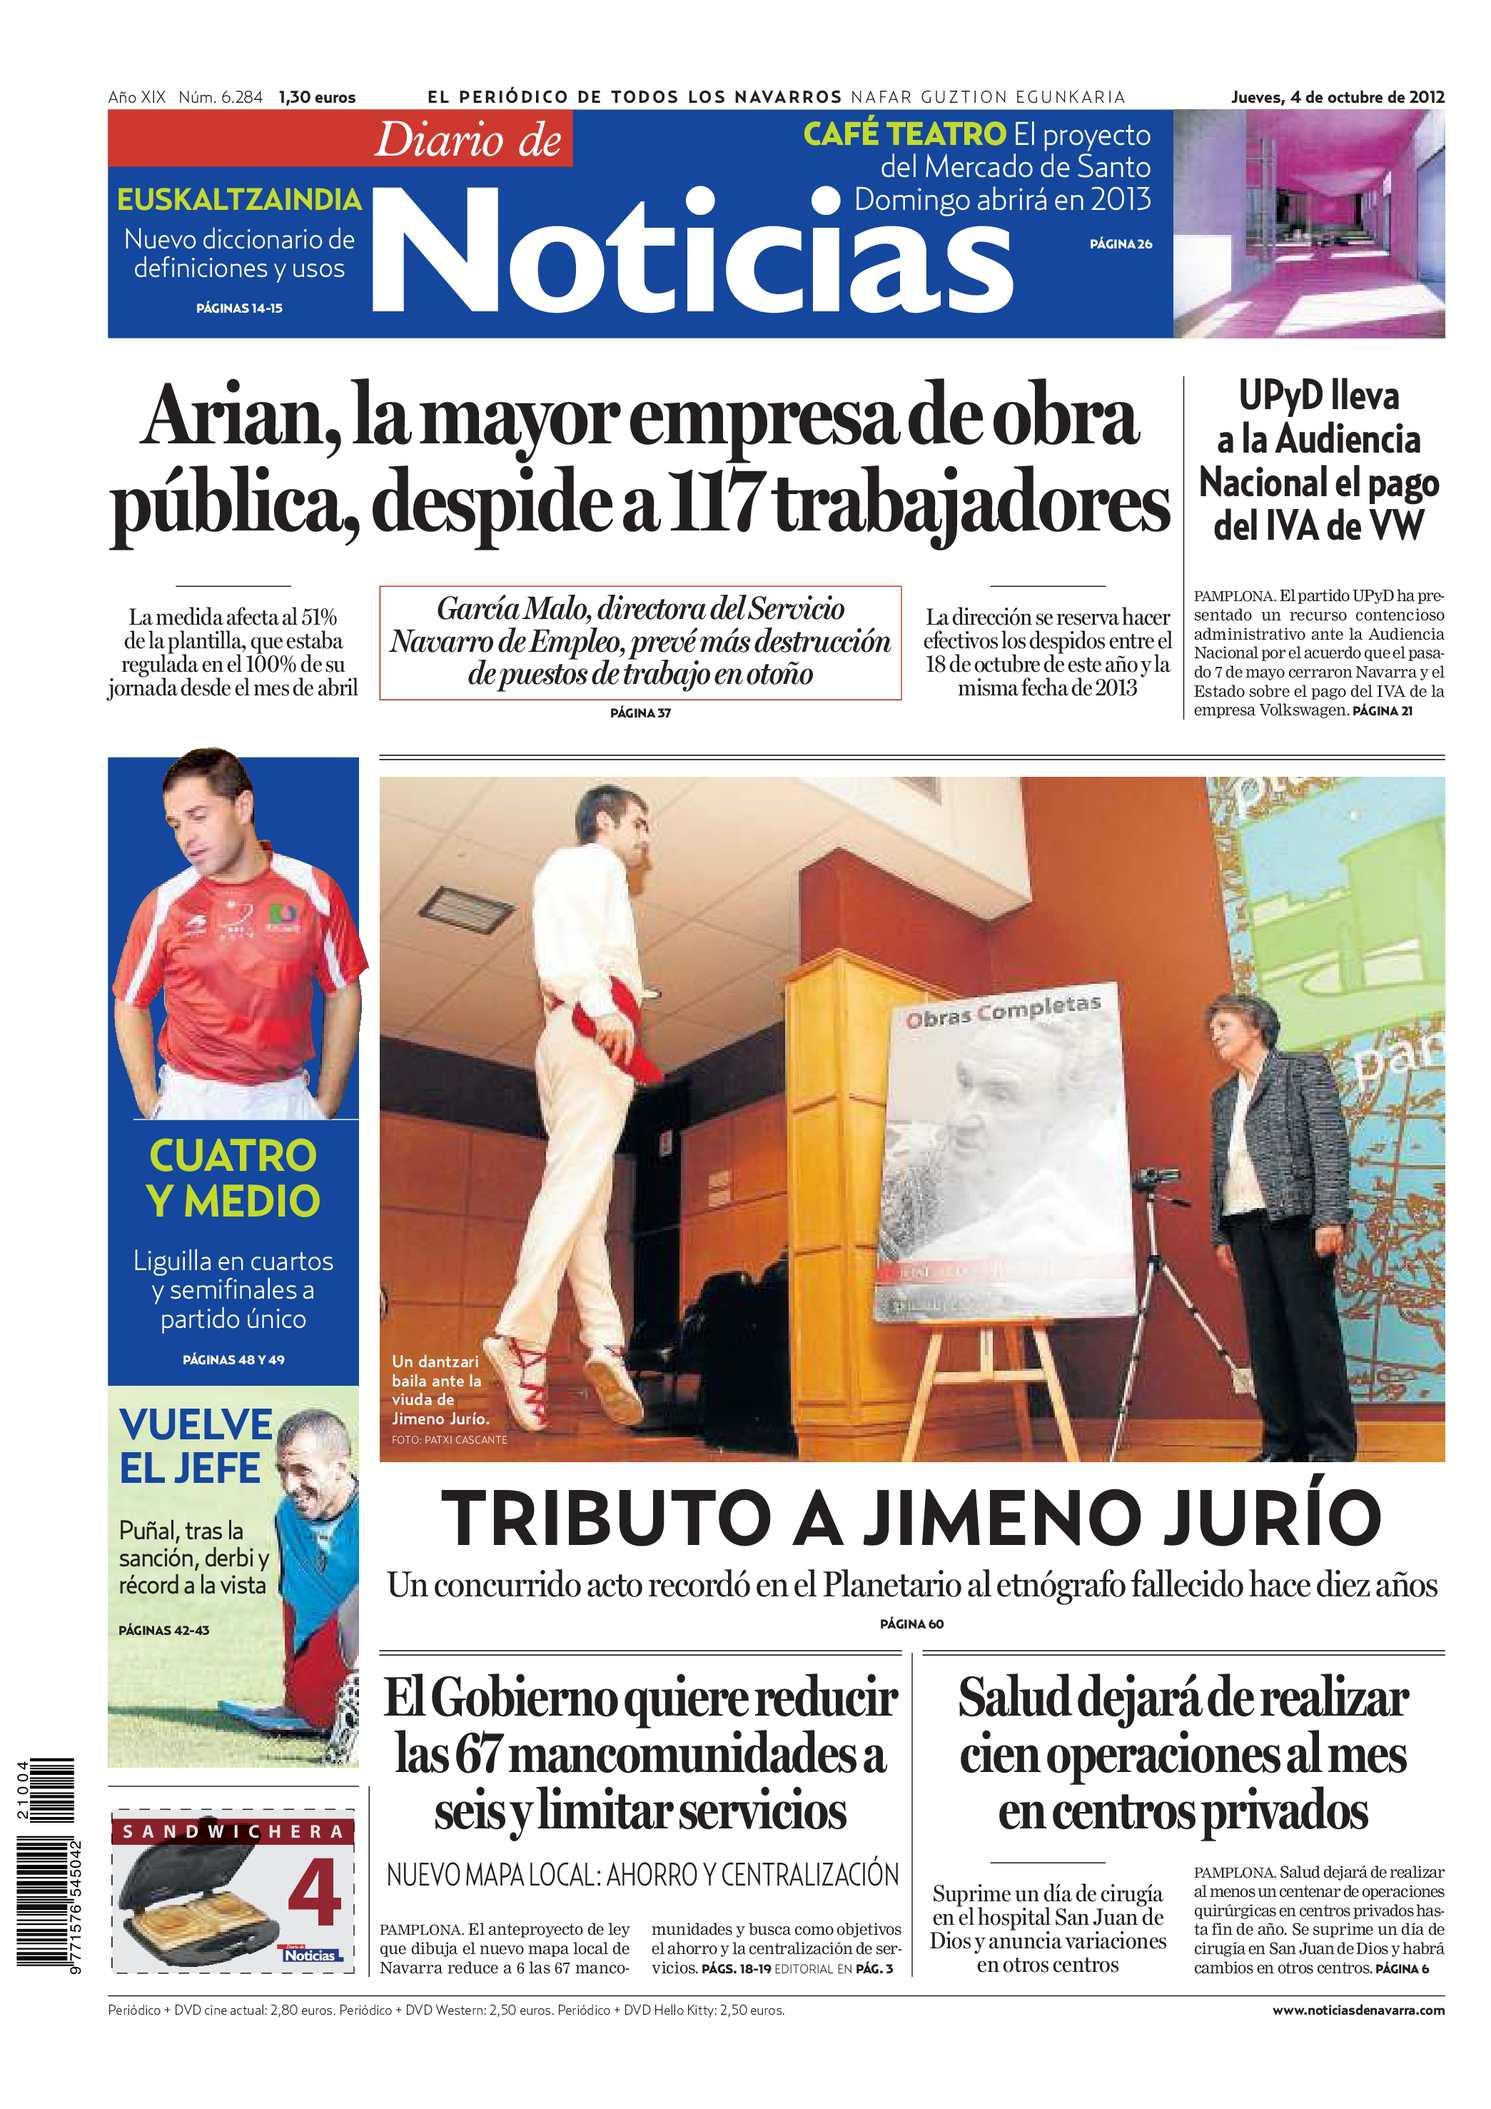 Calaméo - Diario de Noticias 20121004